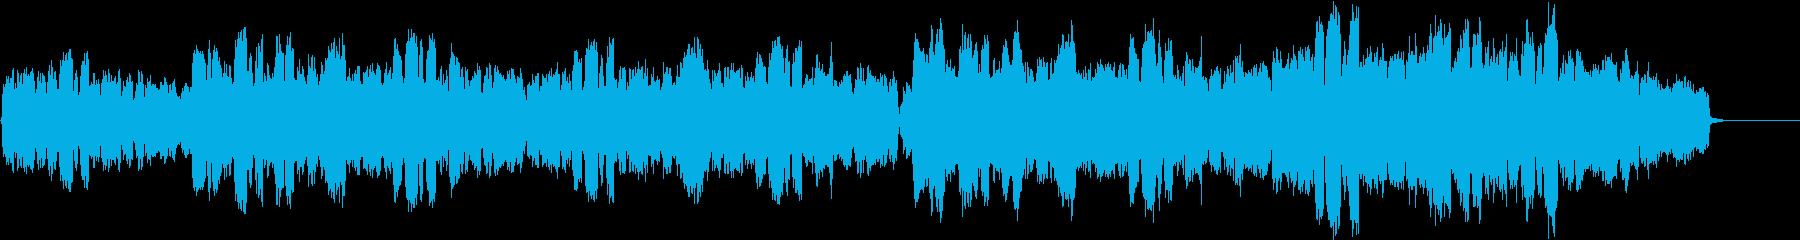 蛍の光【オーケストラ】卒業・別れの再生済みの波形